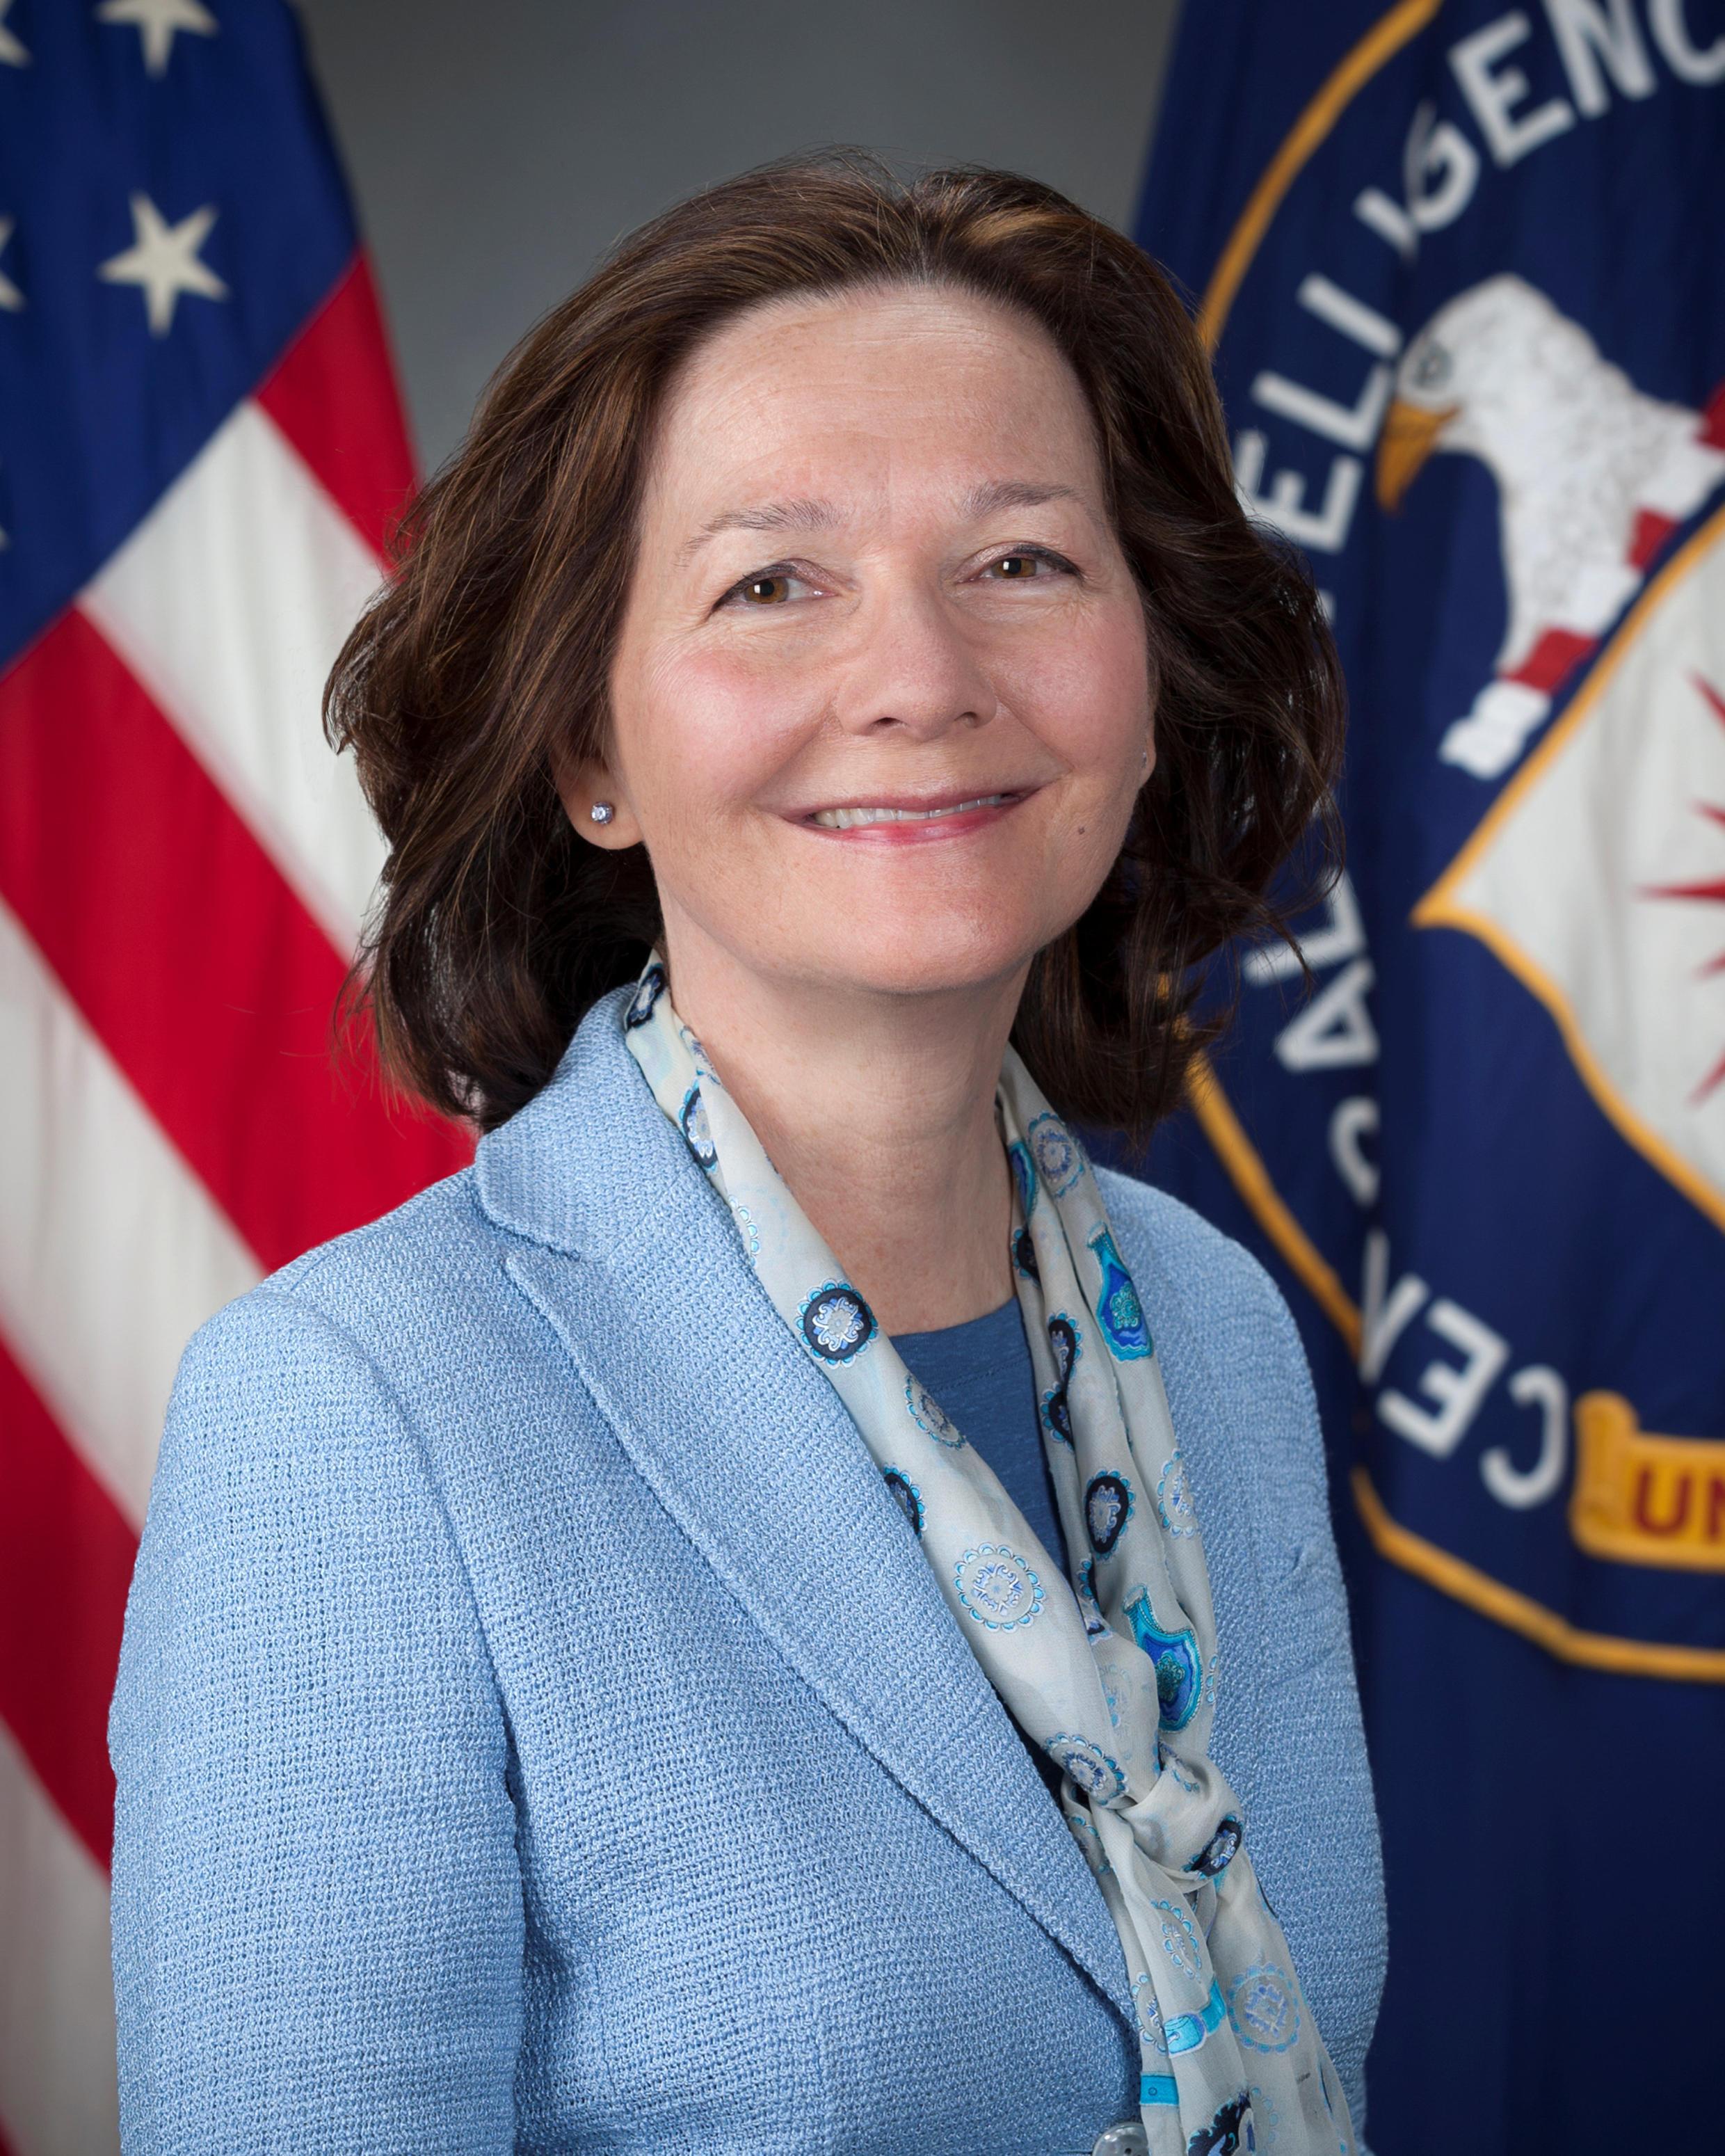 Bà Gina Haspel được tổng thống Mỹ Donald Trum chỉ định làm giám đốc CIA, ngày 13/03/2018